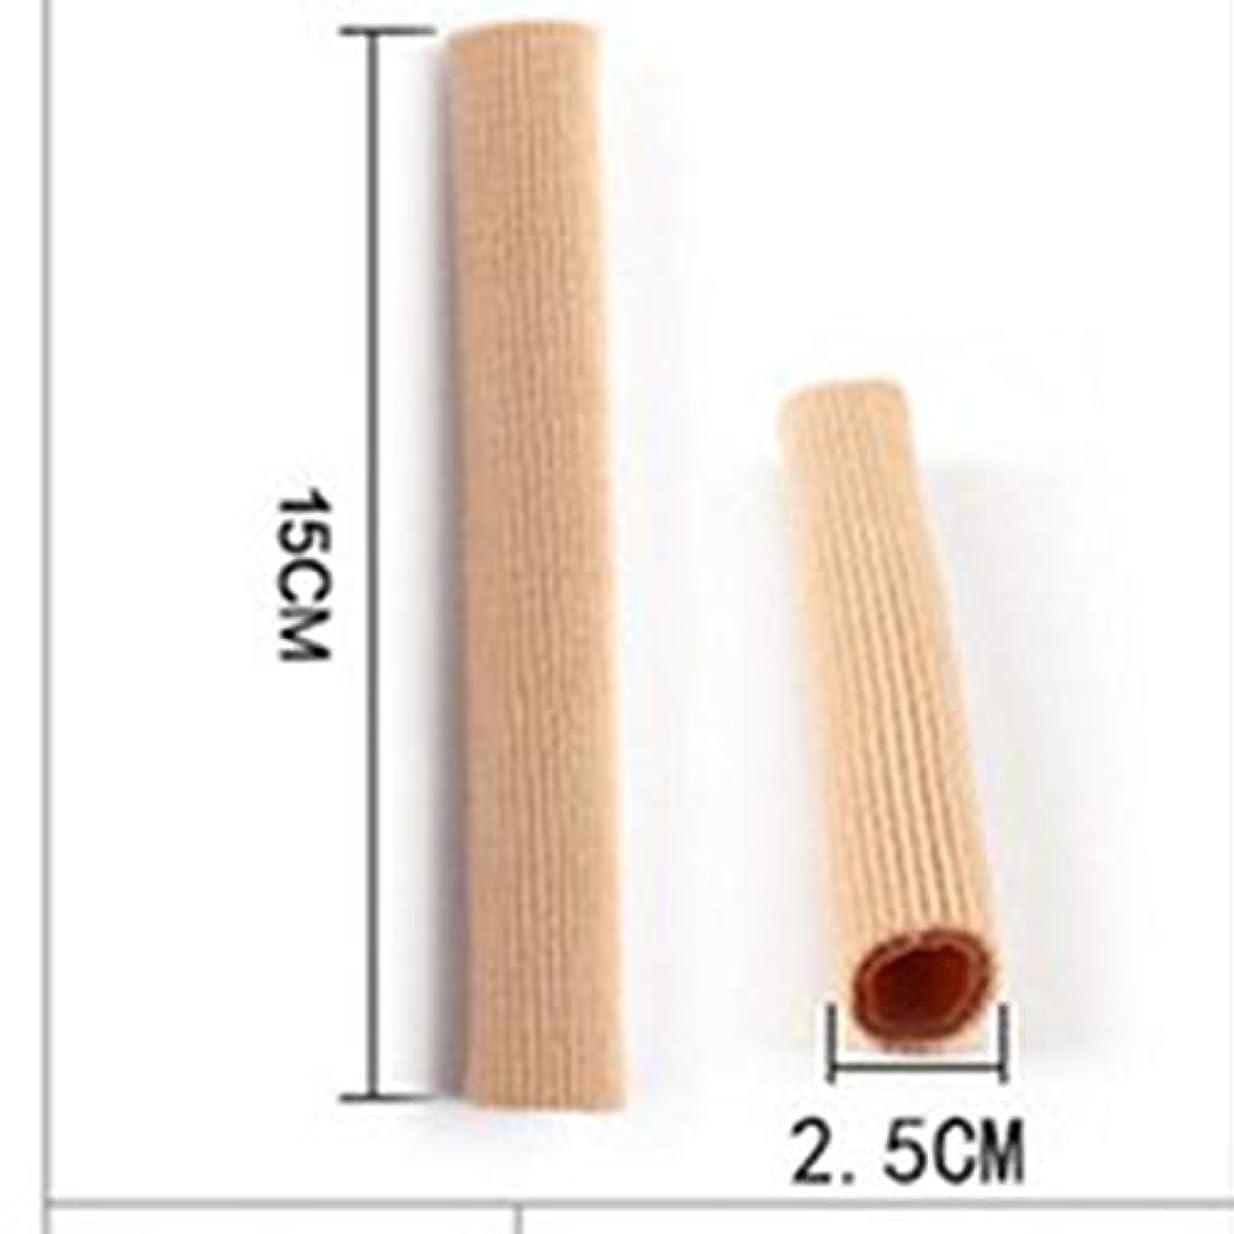 延ばす一元化するお祝いOpen Toe Tubes Gel Lined Fabric Sleeve Protectors To Prevent Corns, Calluses And Blisters While Softening And...